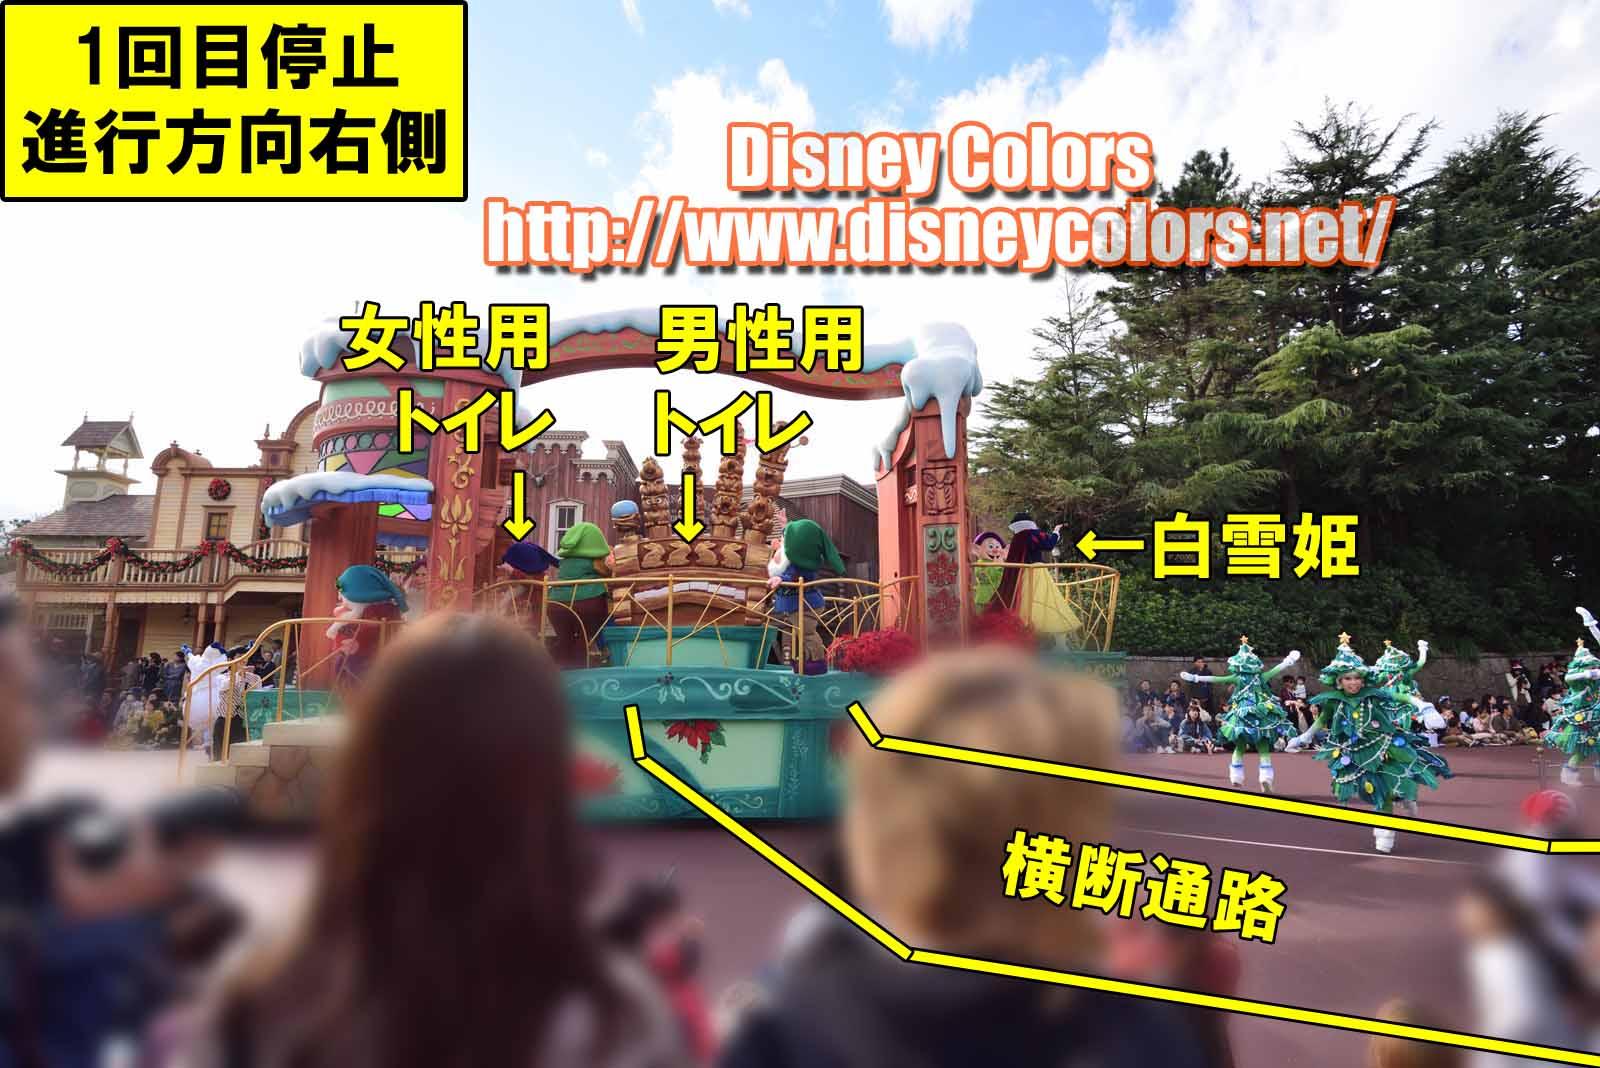 ディズニー・クリスマス・ストーリーズ2019 白雪姫 七人のこびと フロート停止位置